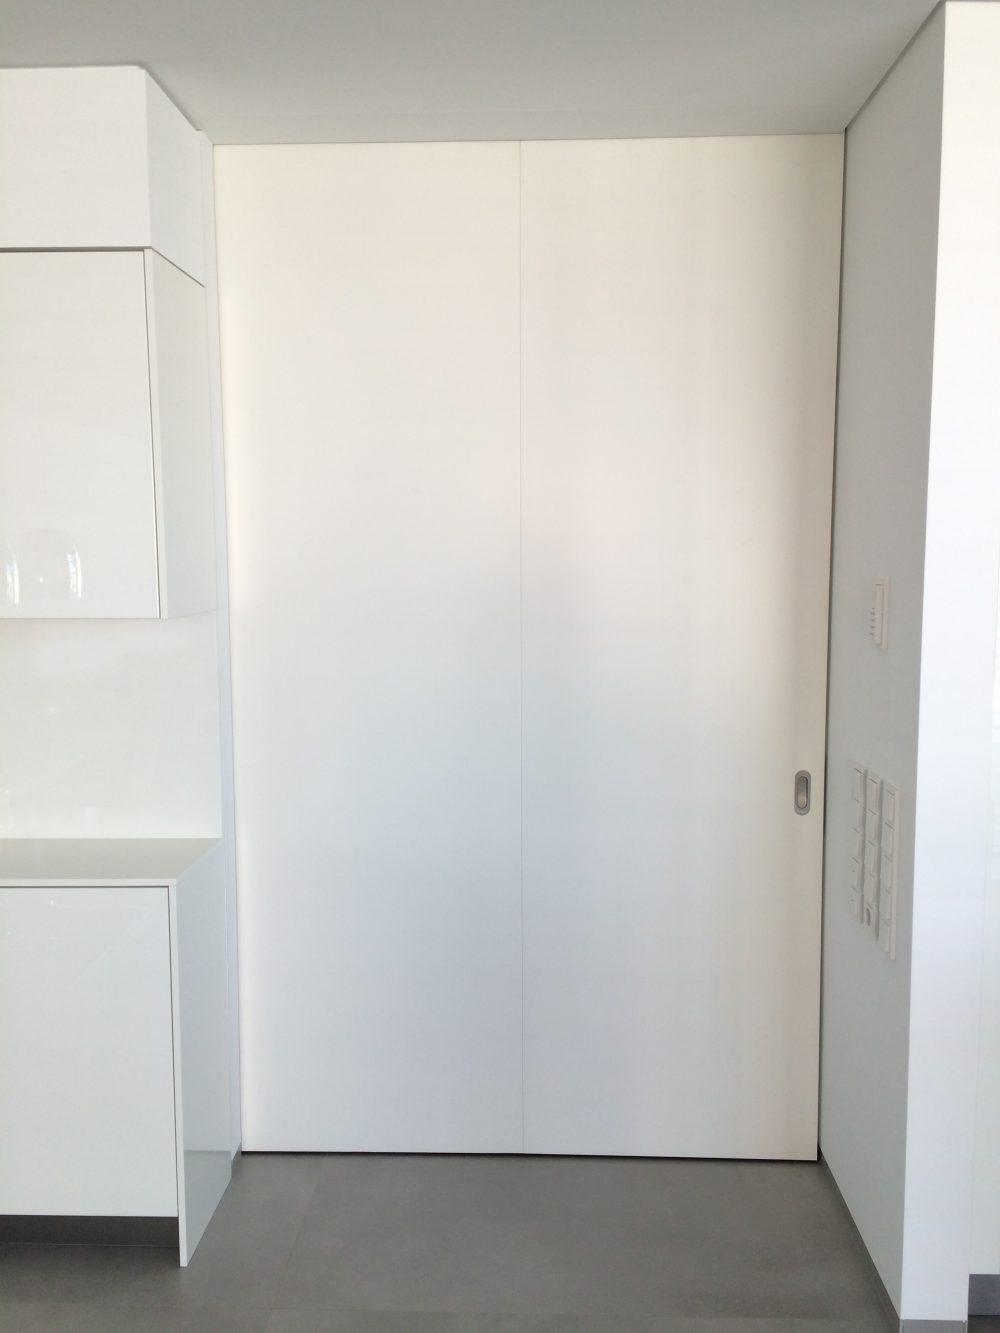 Raumhohe Schiebetür weißlack in der Wand laufend - geschlossen